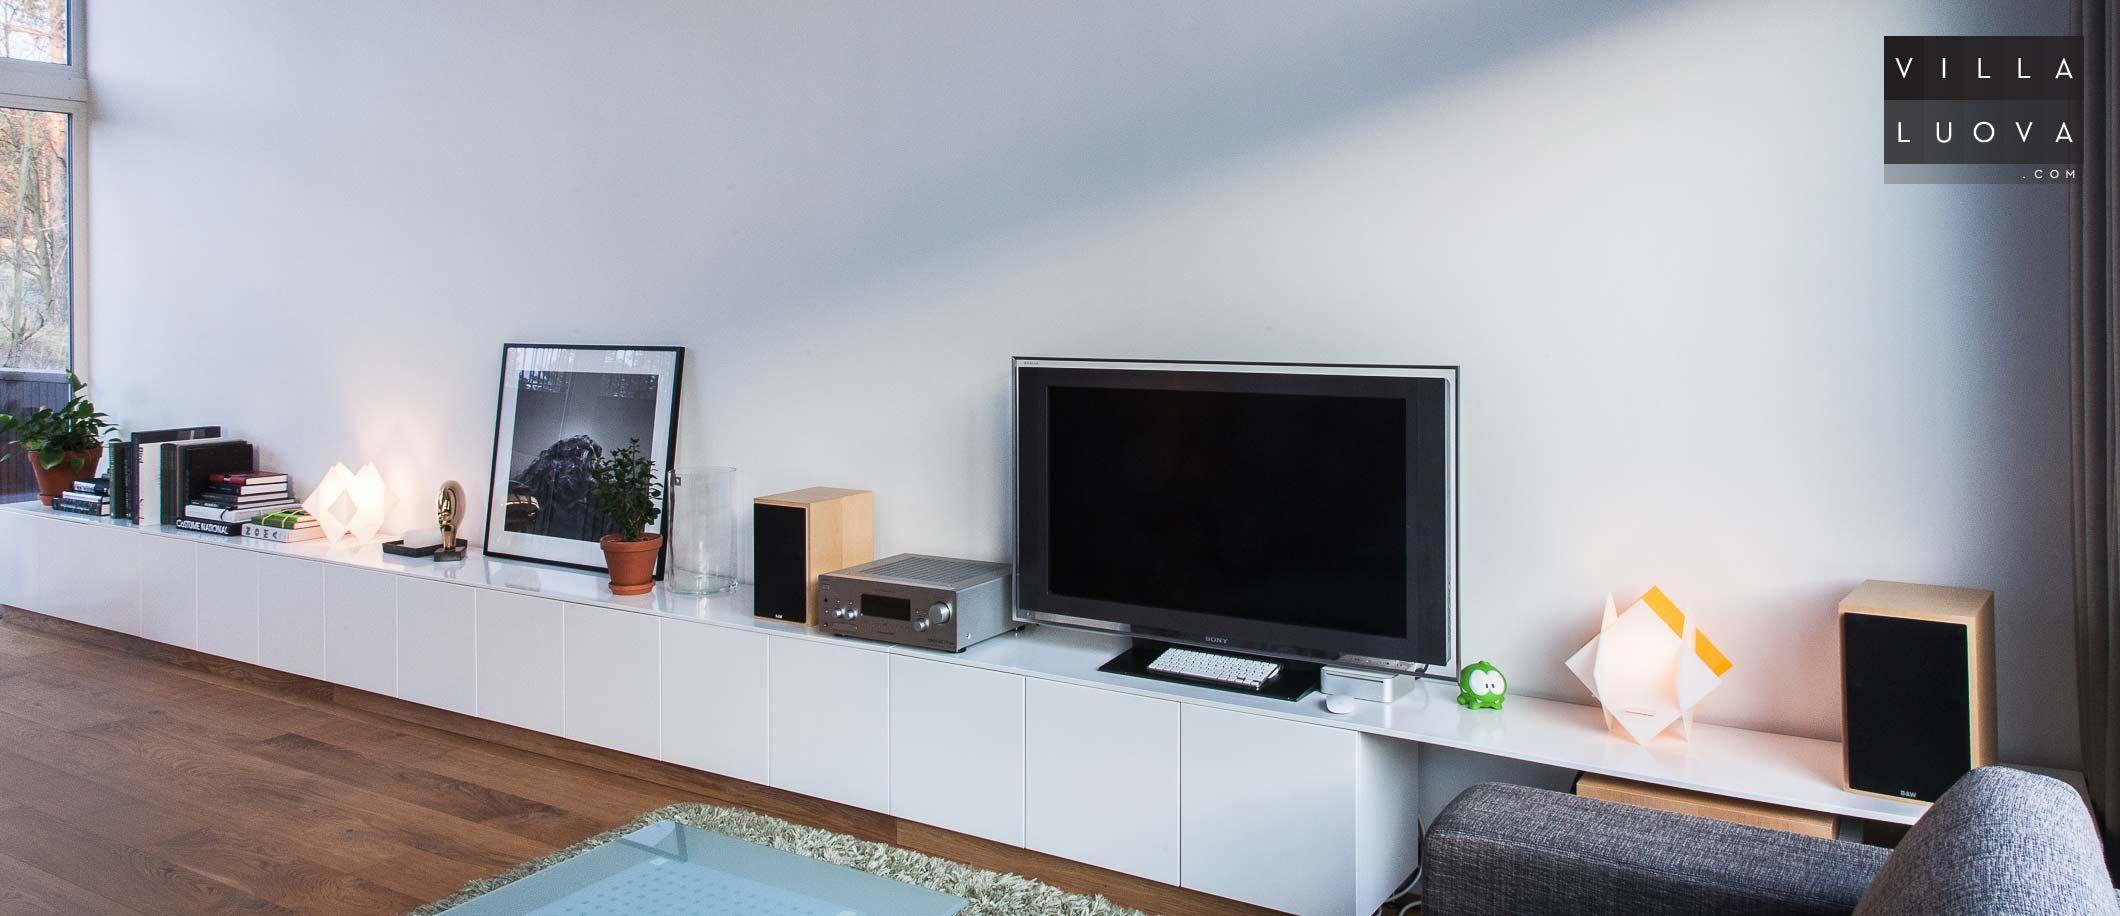 Ikea Hack Seitsem N Metrin Tv Taso Keitti Kalusteista Ergo  # Meuble Tv Ikea Besta Burs Noir